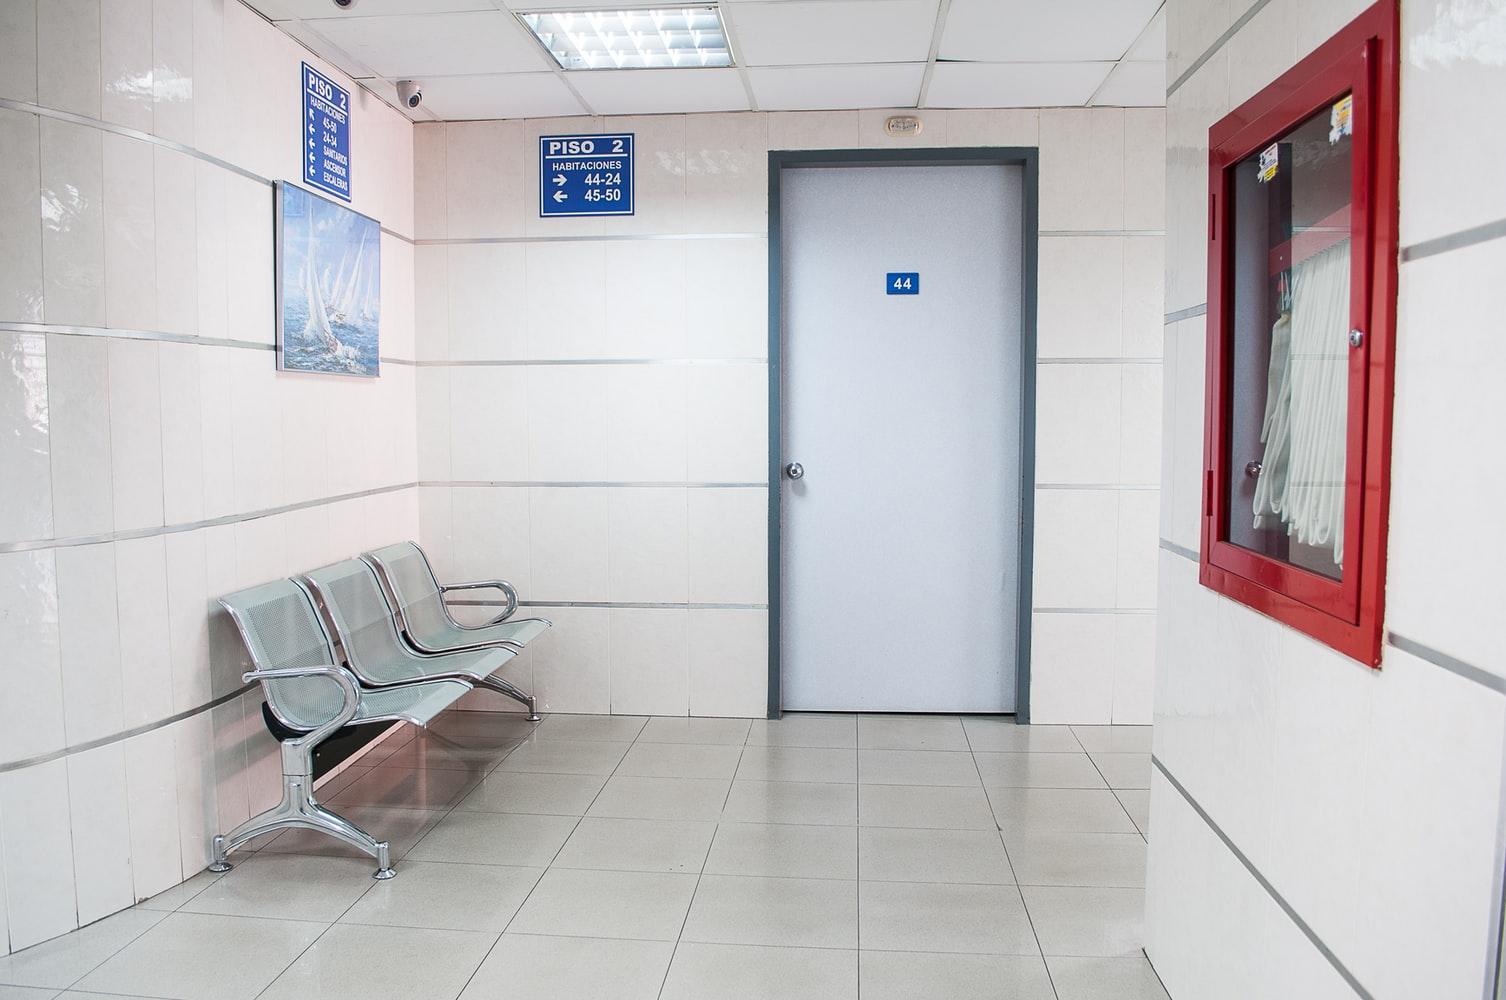 Recepção de um hospital